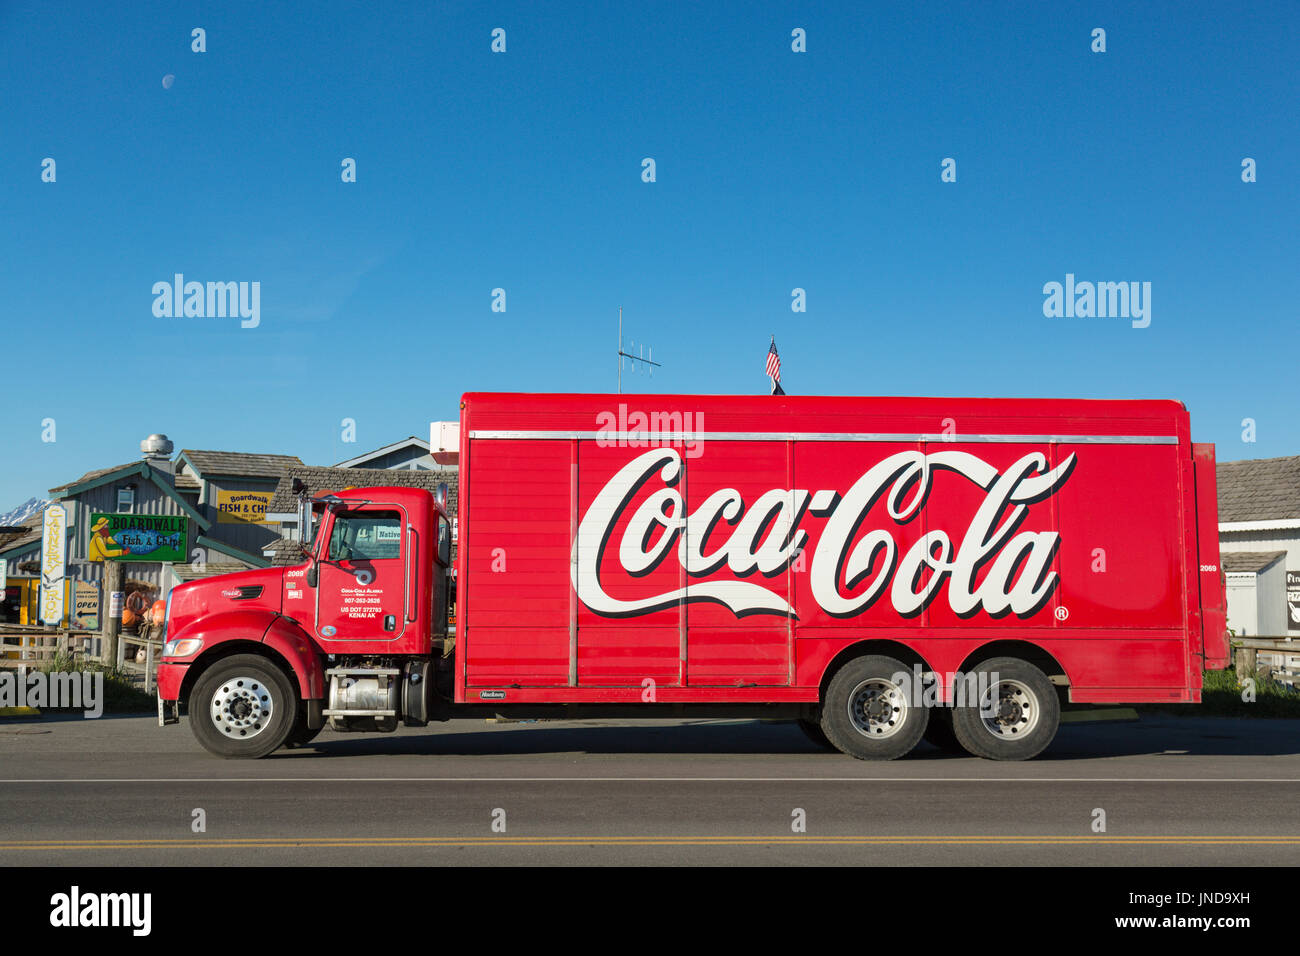 Coca Cola Park Food Truck